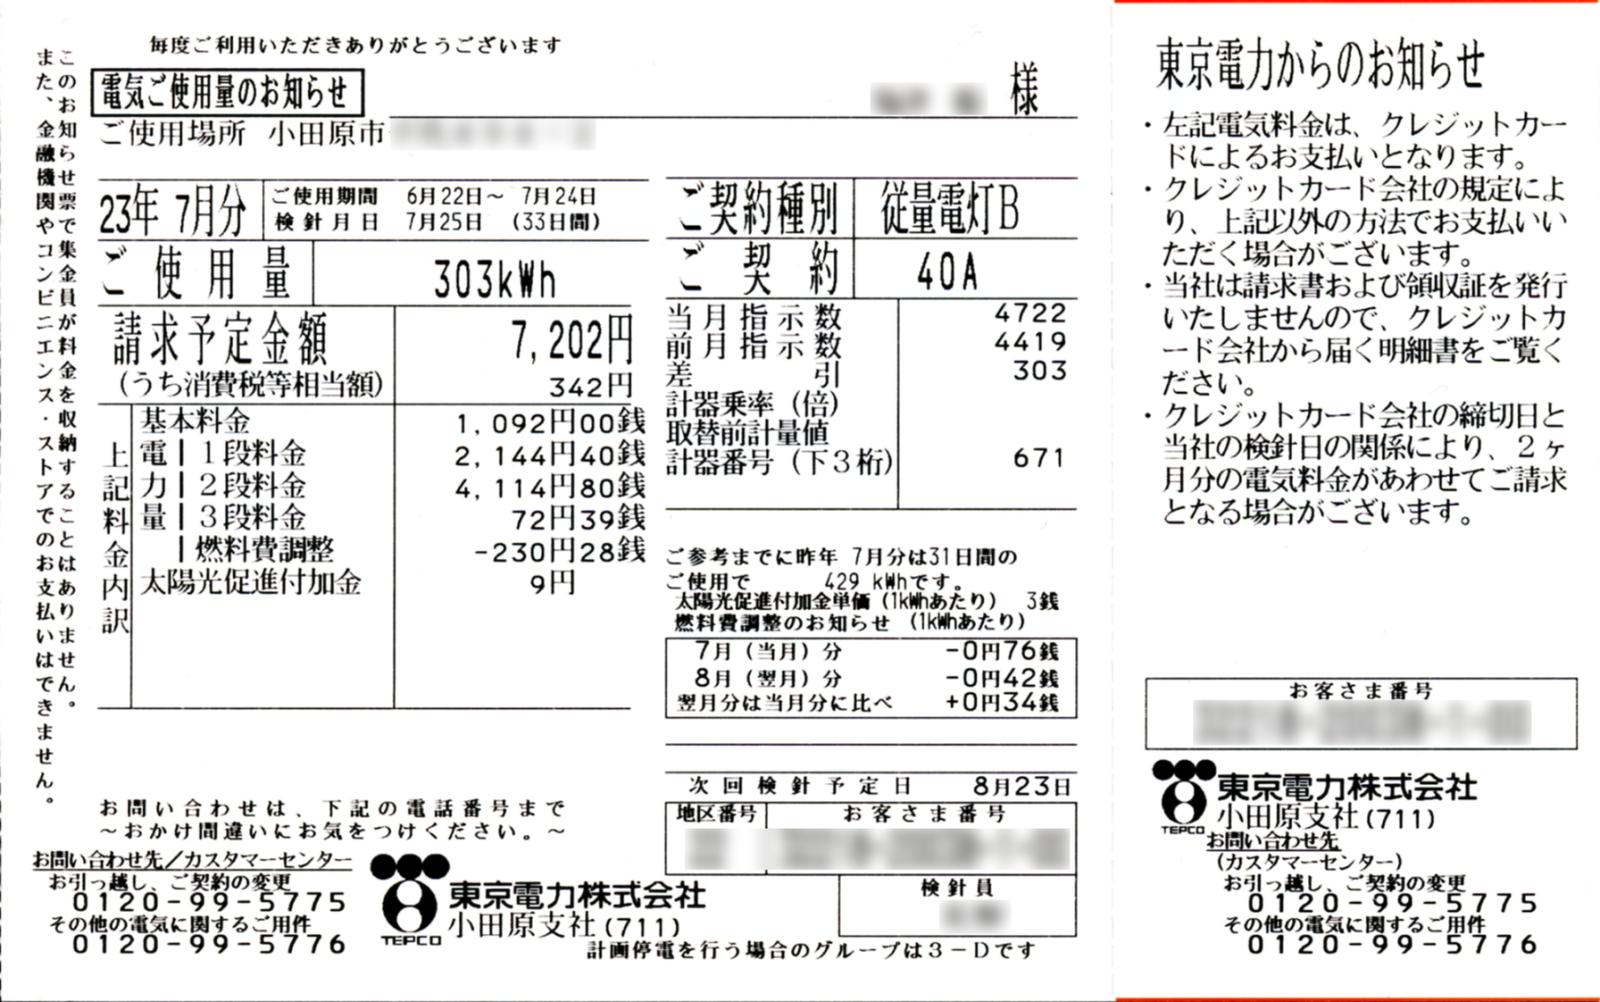 カスタマーセンター 電話 番号 東京 電力